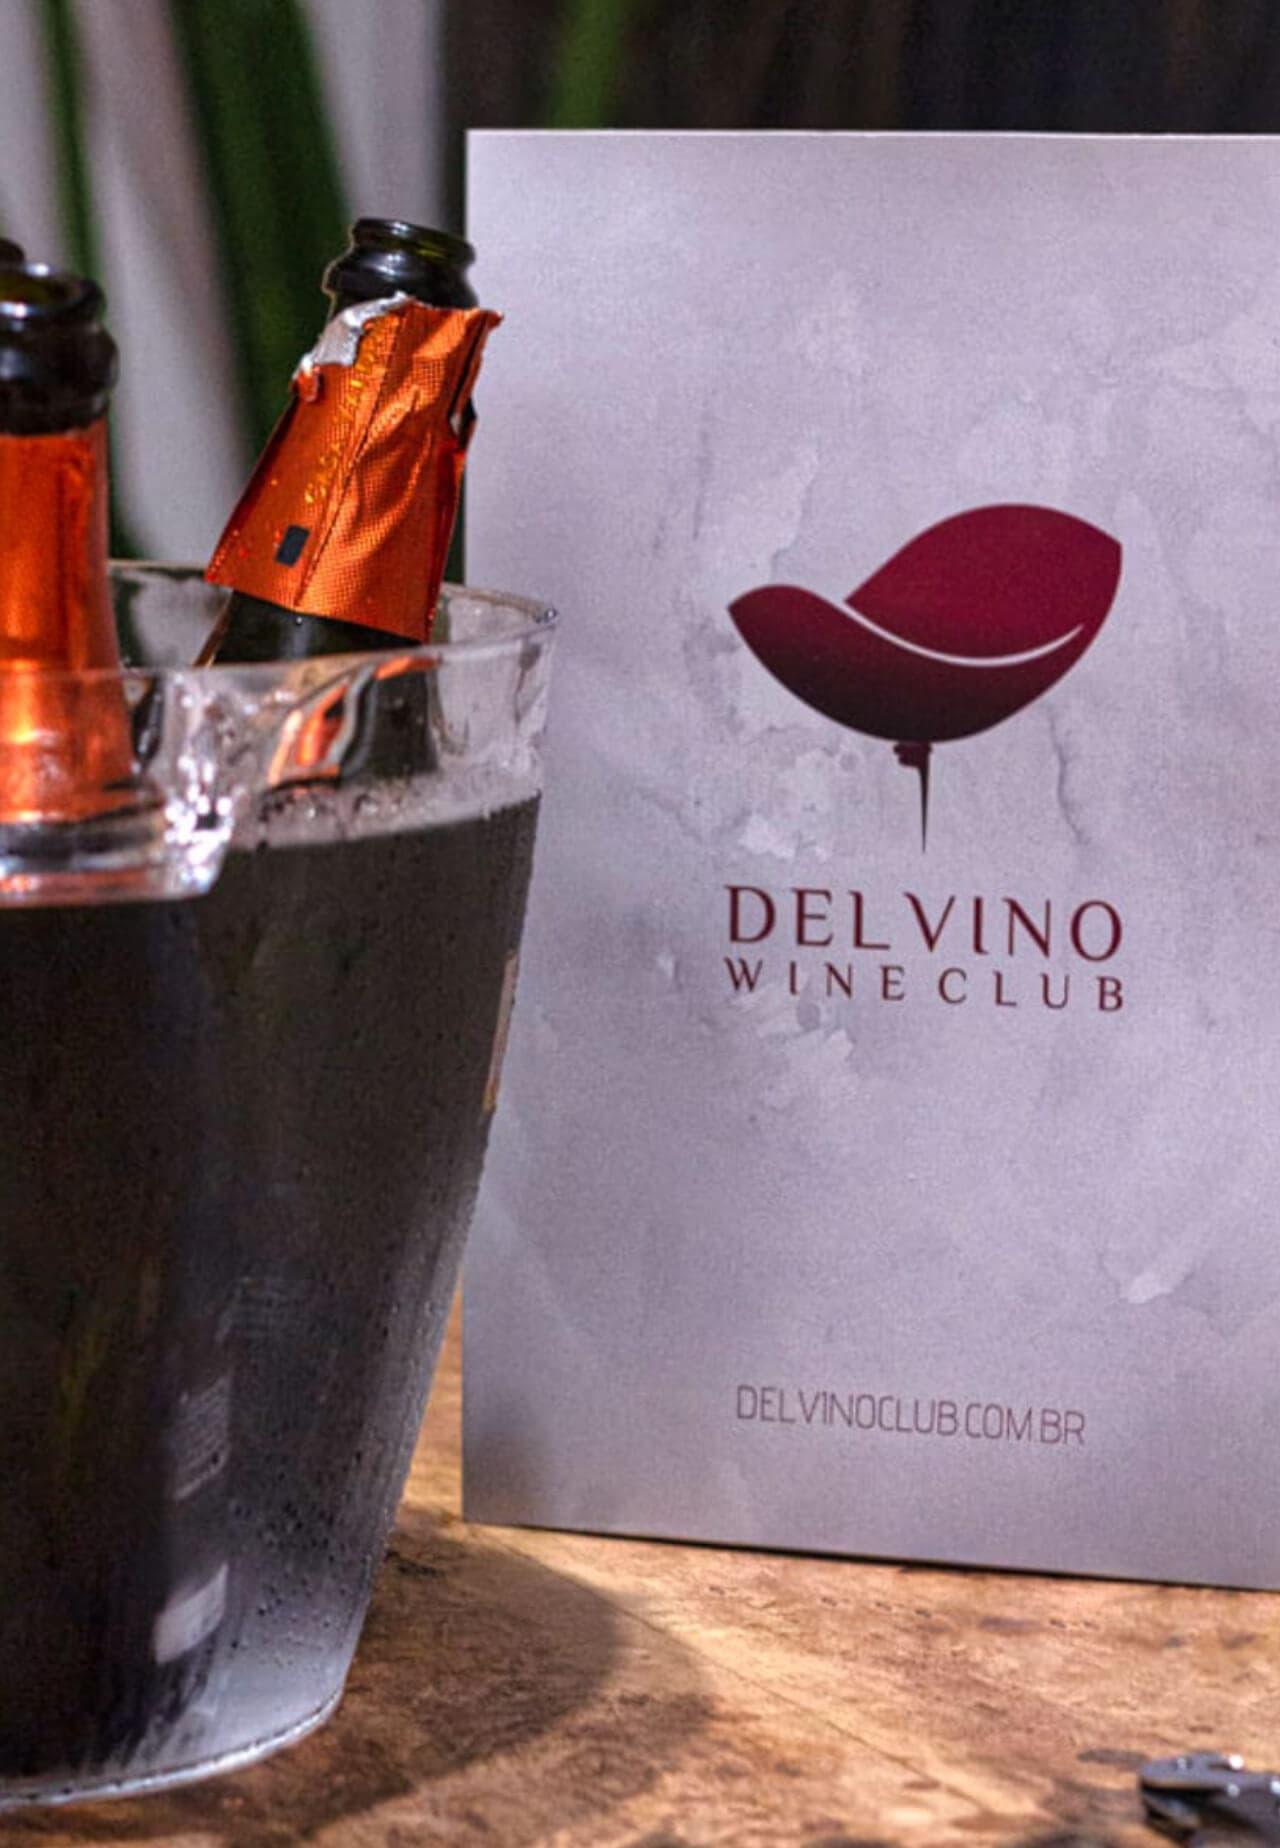 Aprenda sobre vinhos com os cursos de vinho em SP